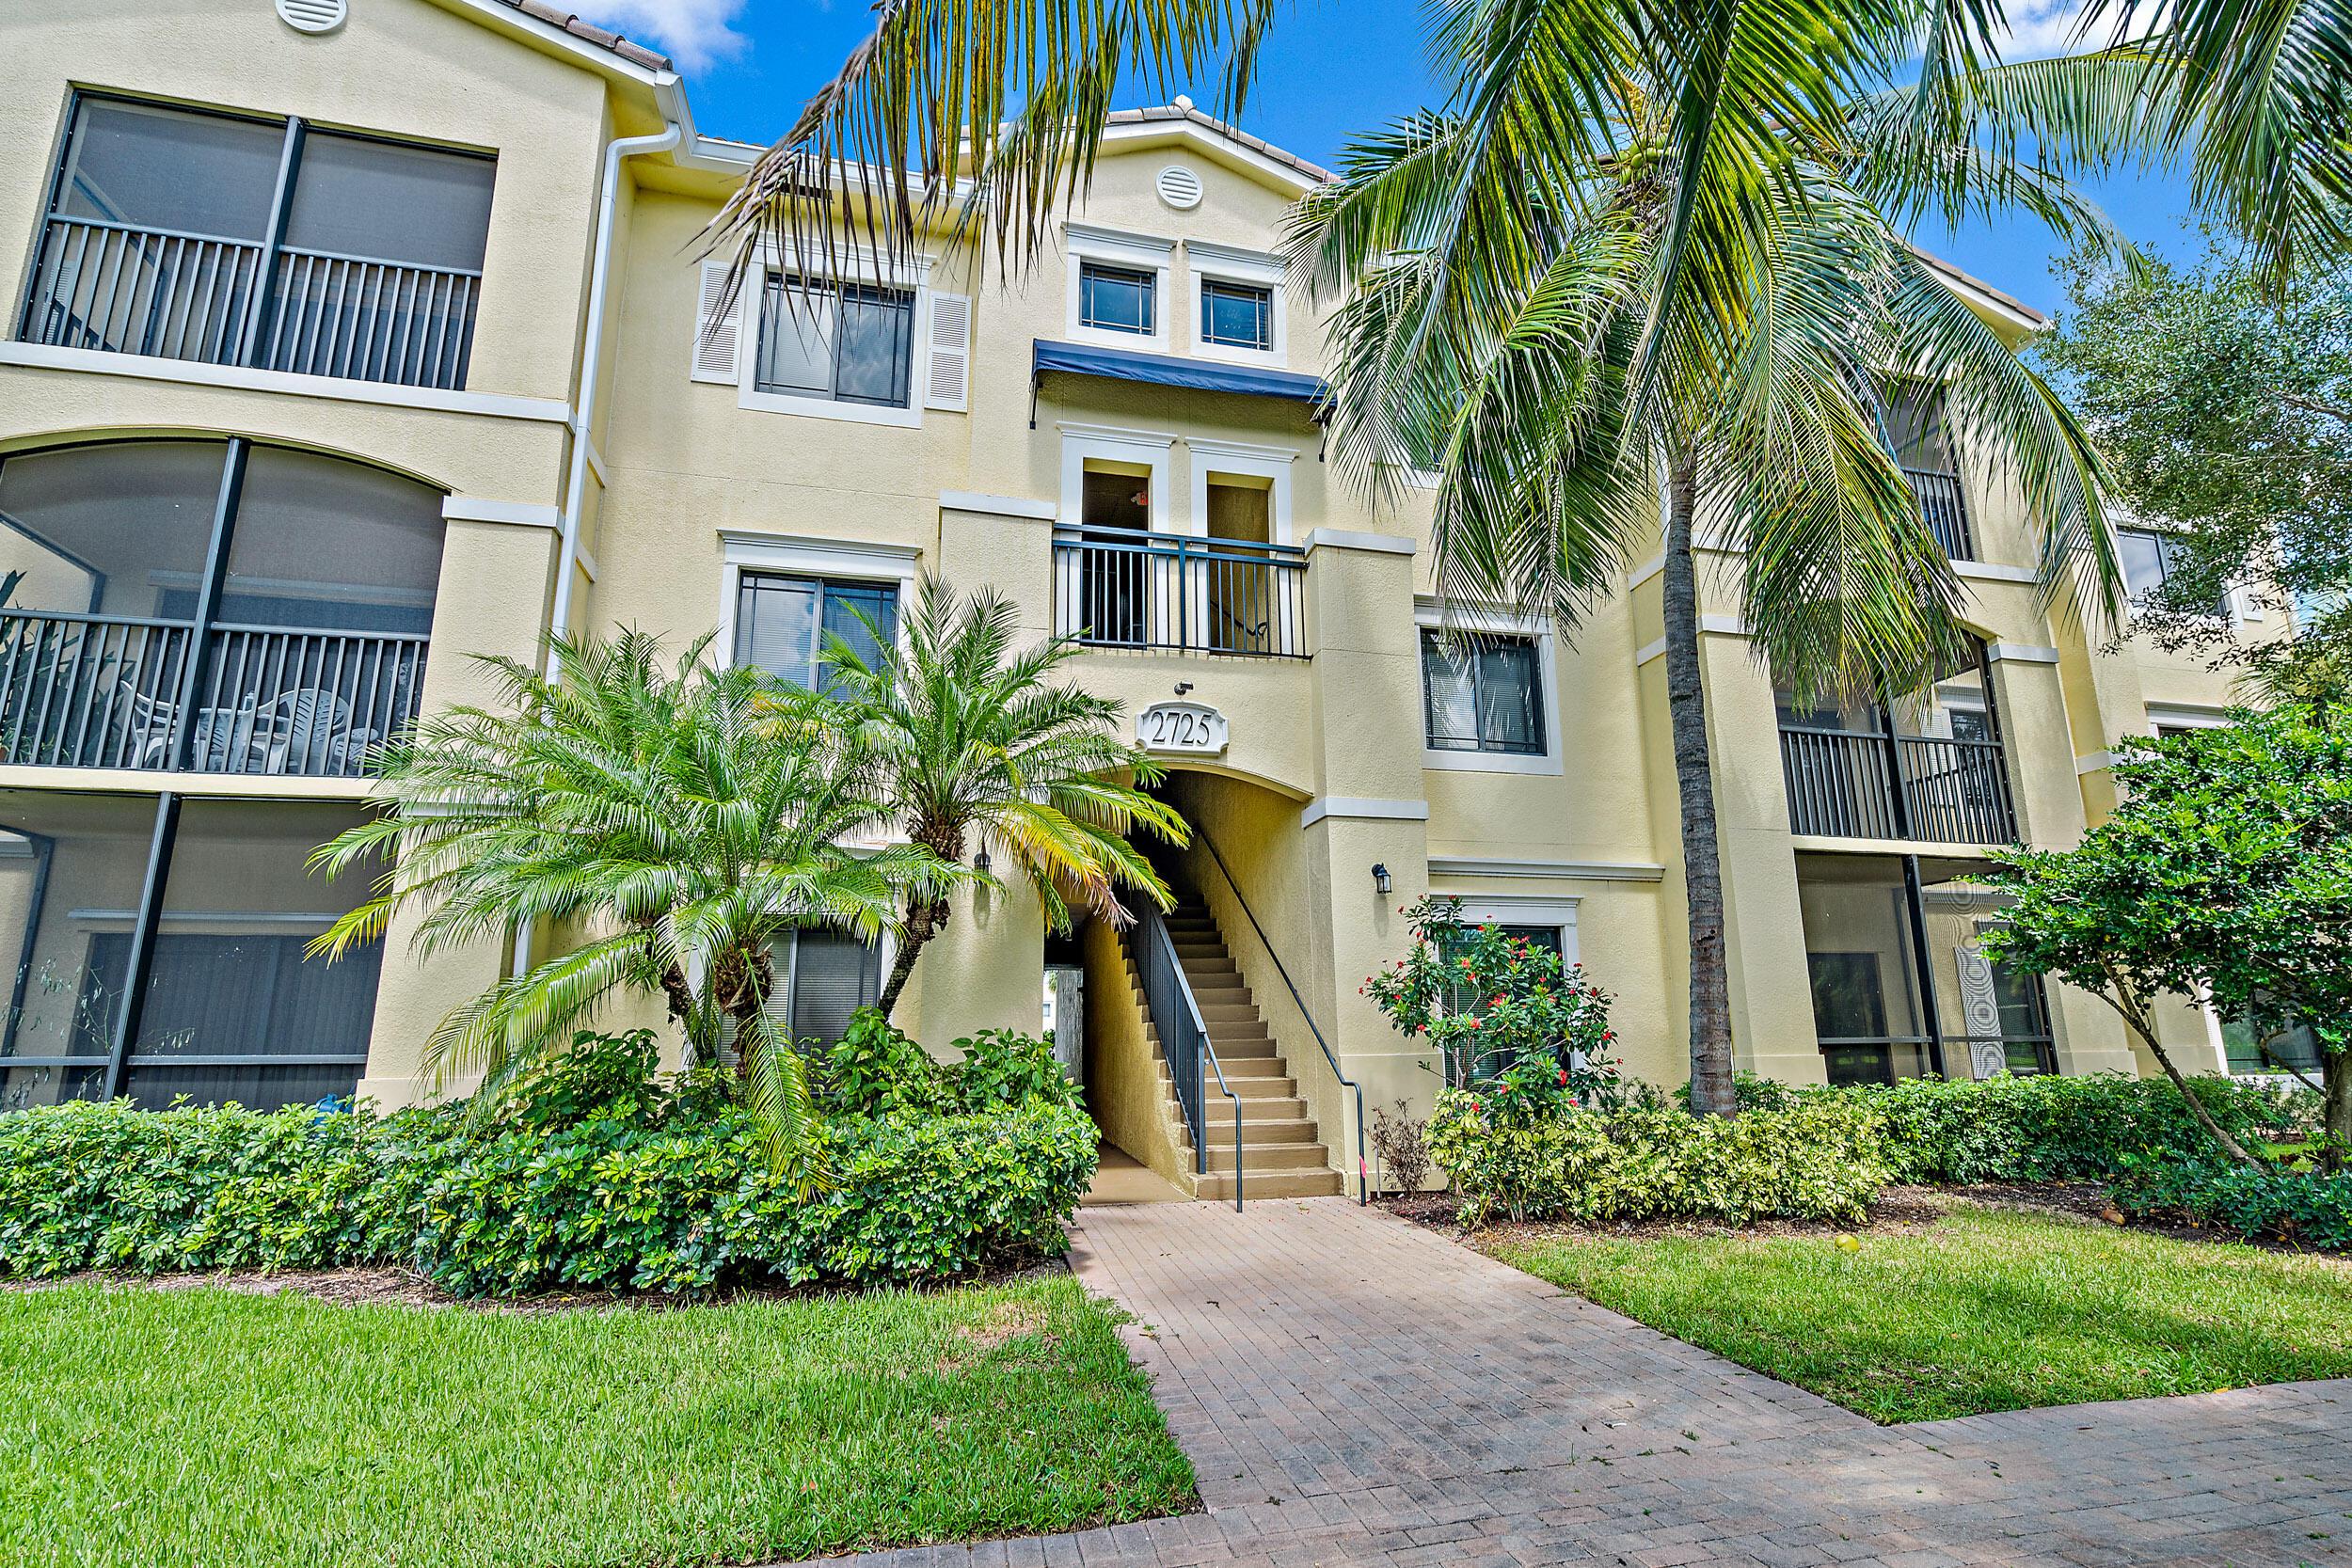 2725  Anzio Court 203 For Sale 10746256, FL